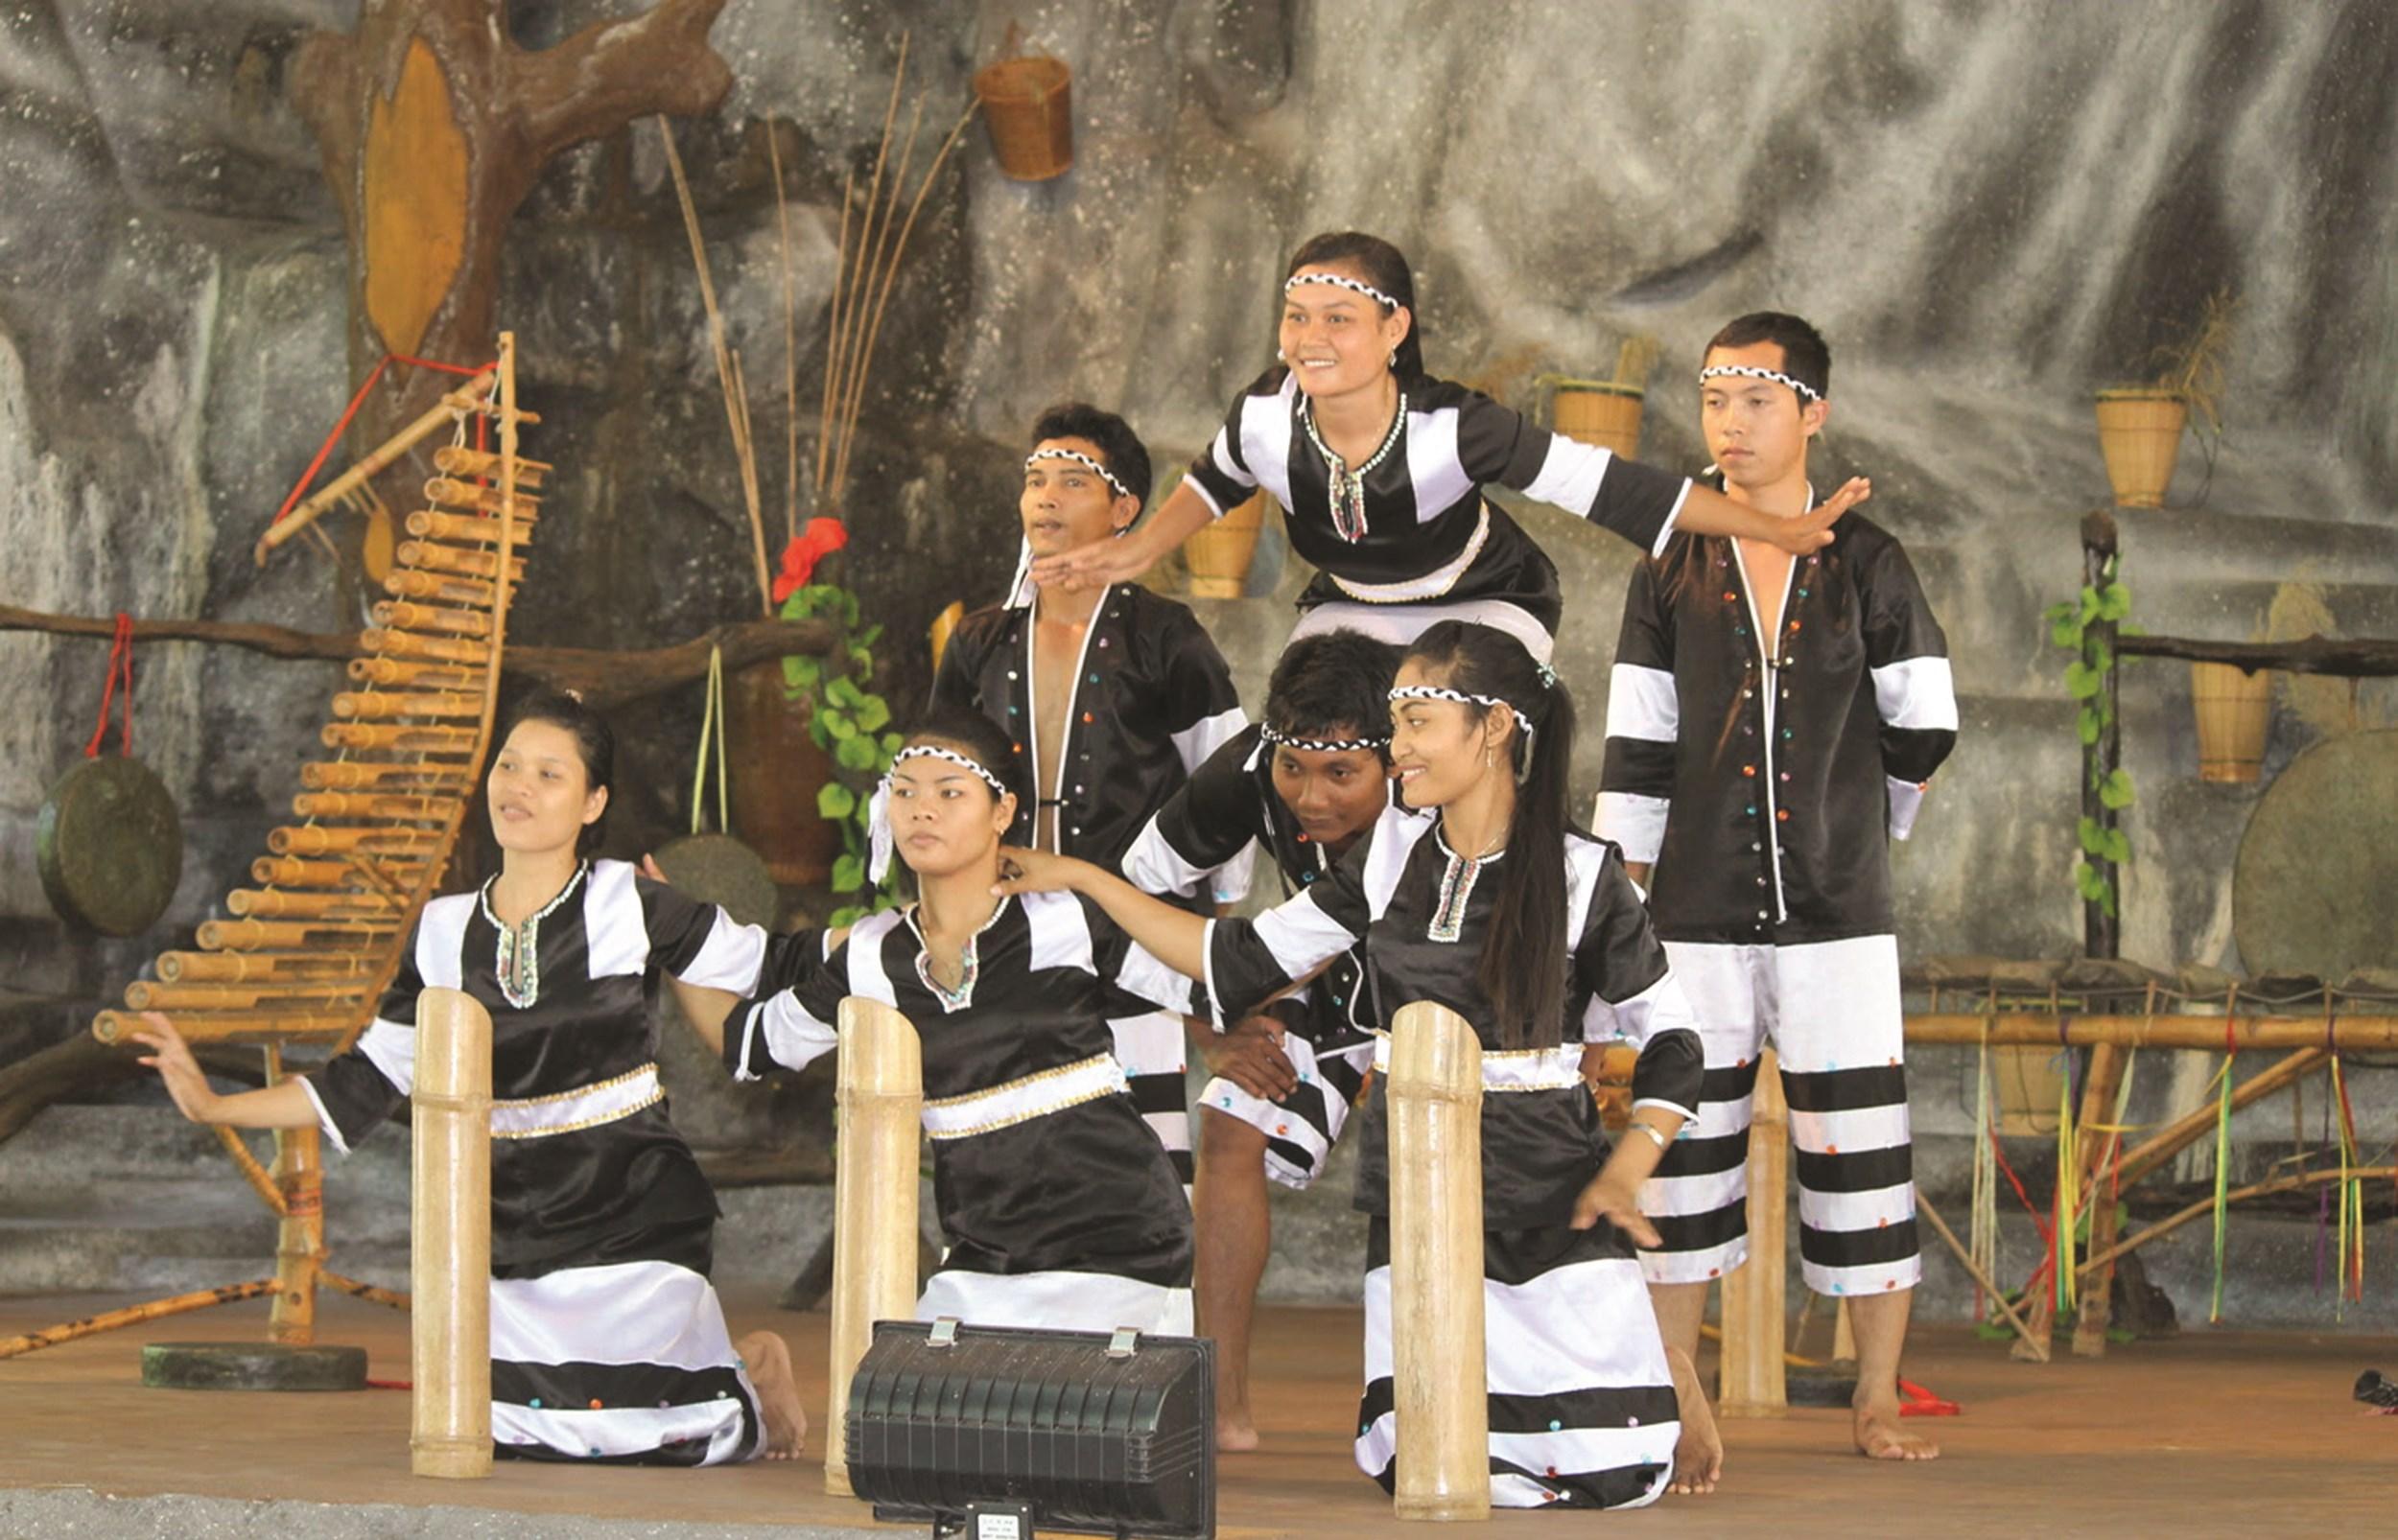 Trang phục truyền thống của đồng bào Raglai ở Khánh Sơn (Khánh Hòa) hiện nay